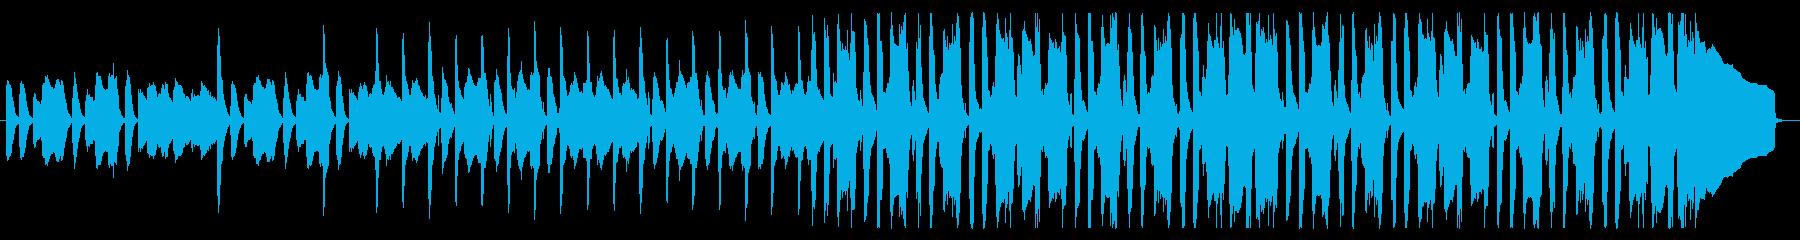 ピアノと木琴の日常BGMの再生済みの波形